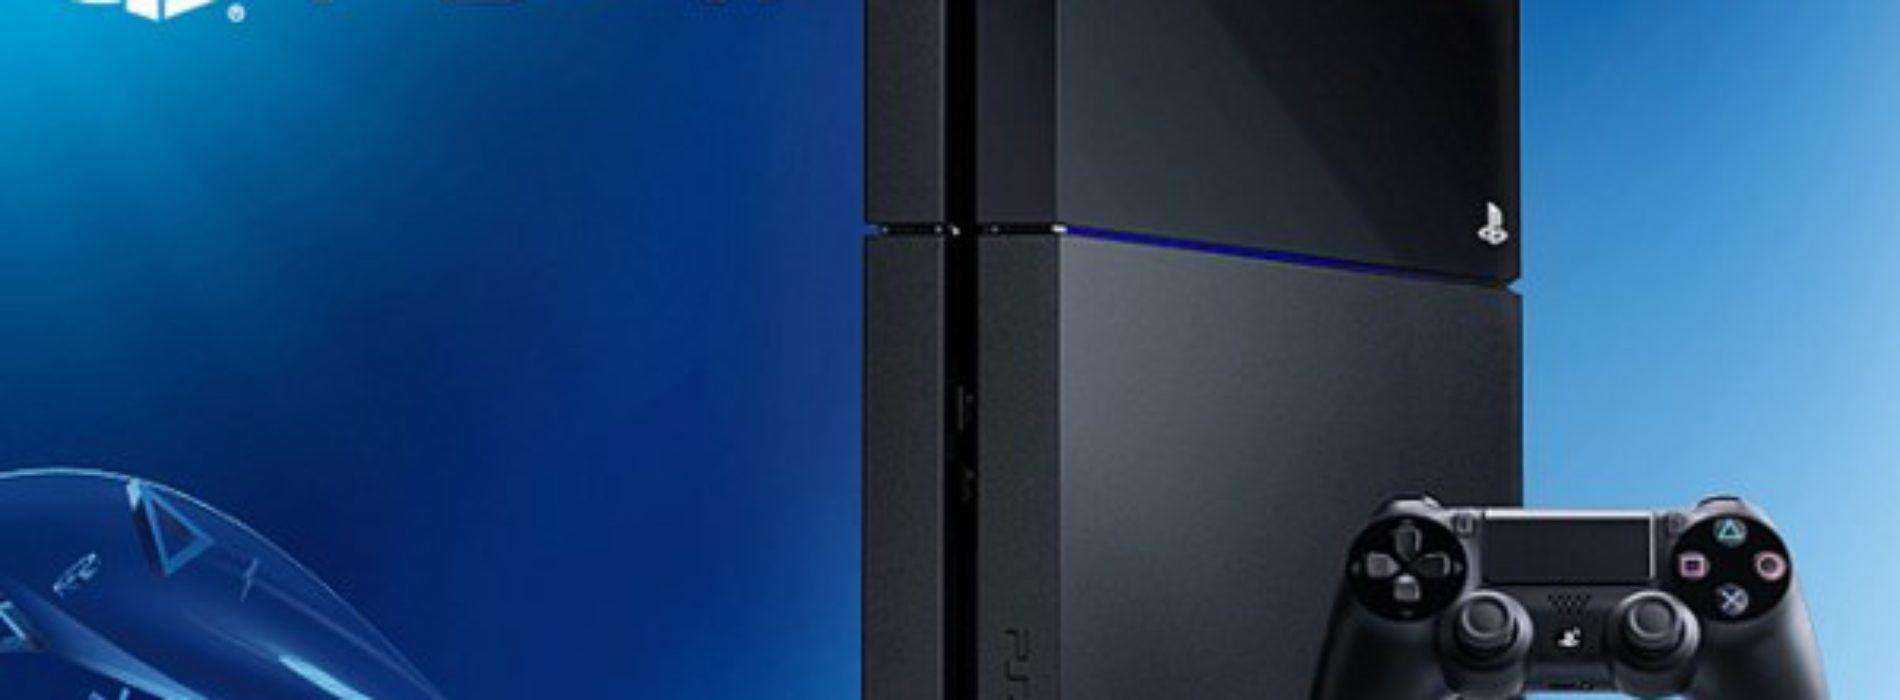 Comprar una PlayStation 4 ¡realmente lo vale!